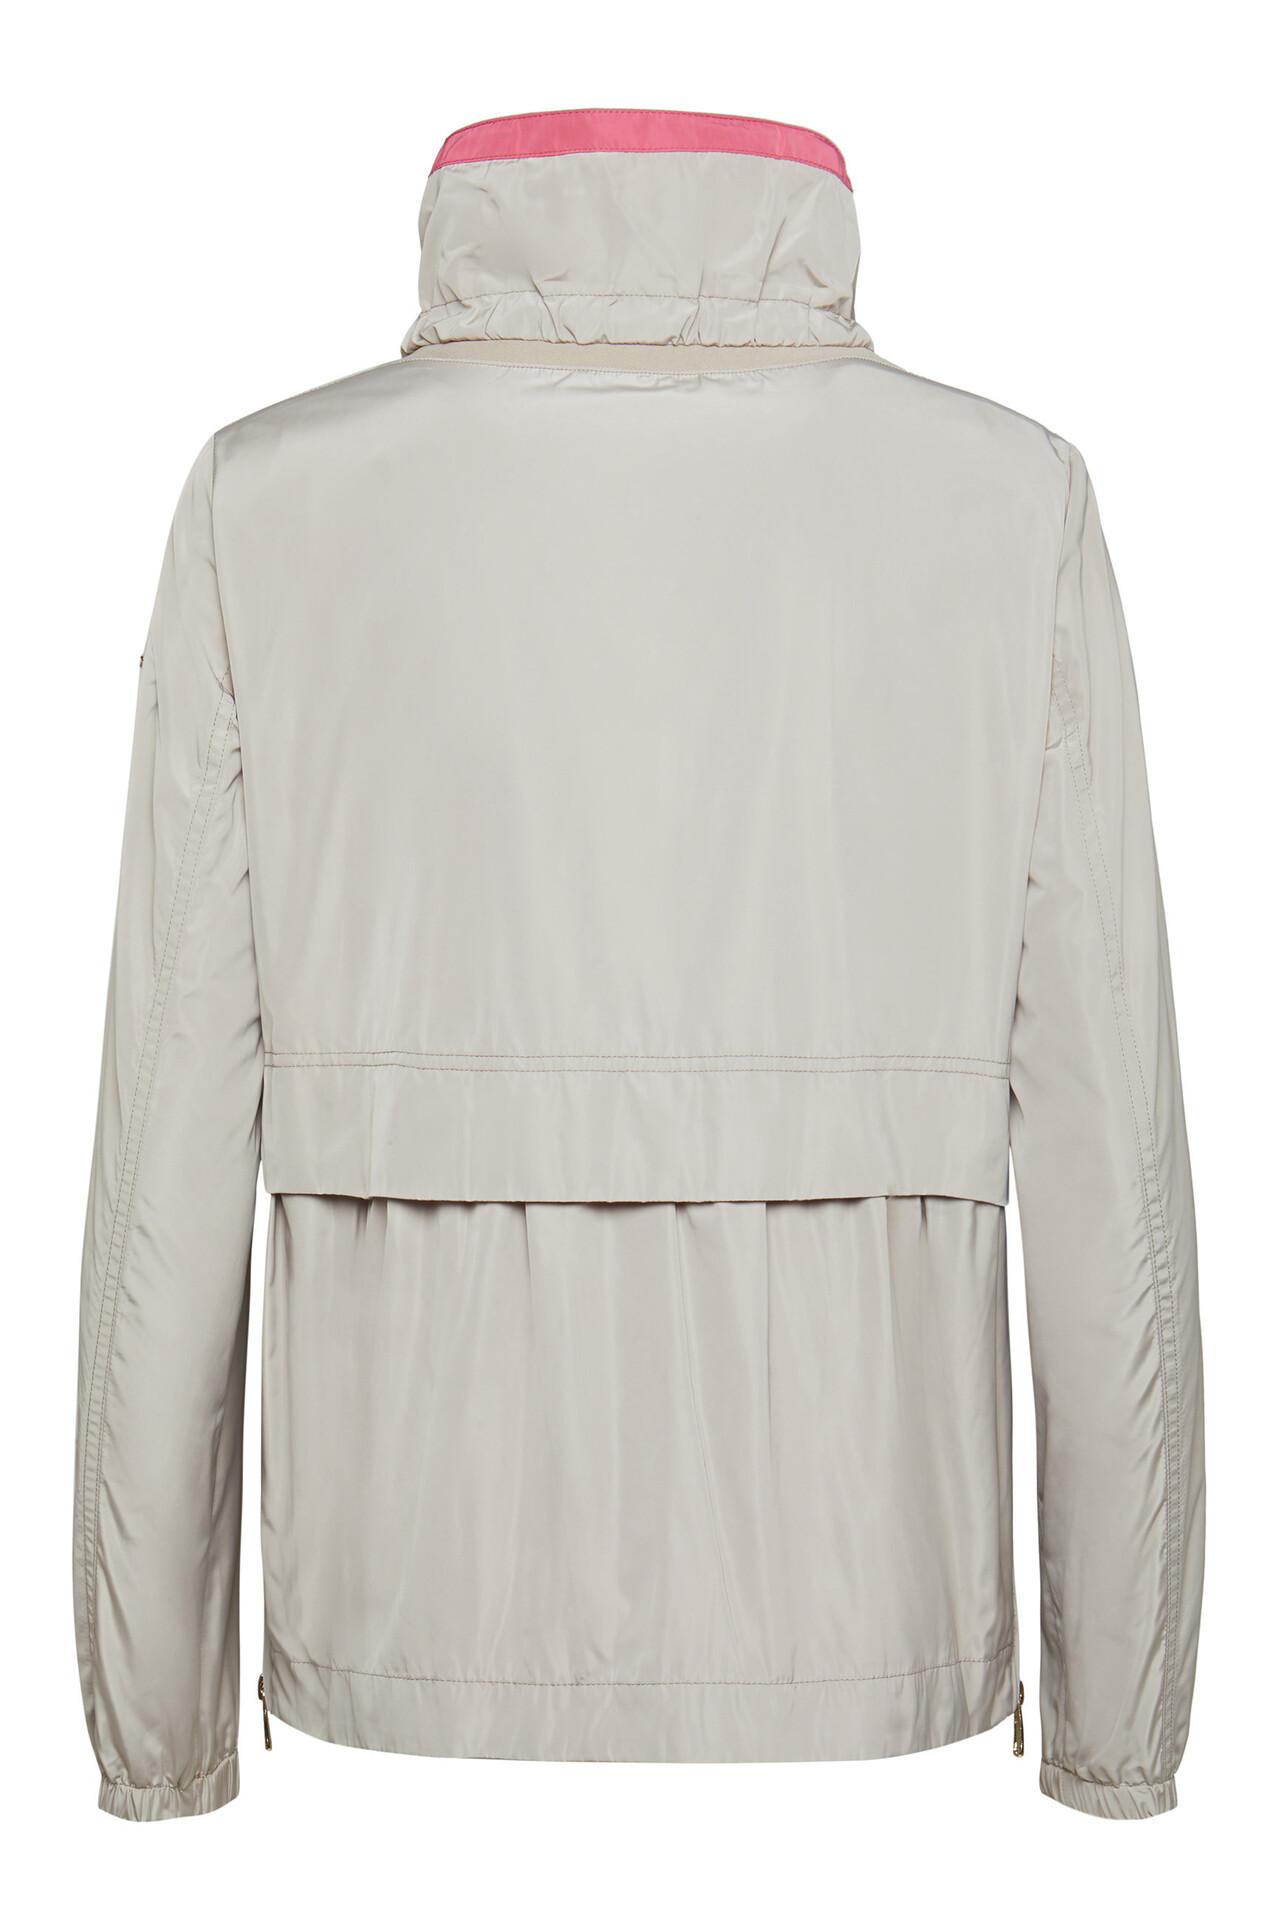 Esprimere evidente Straniero  GEOX Genziana Women's Jacket W0220A | Lazada PH